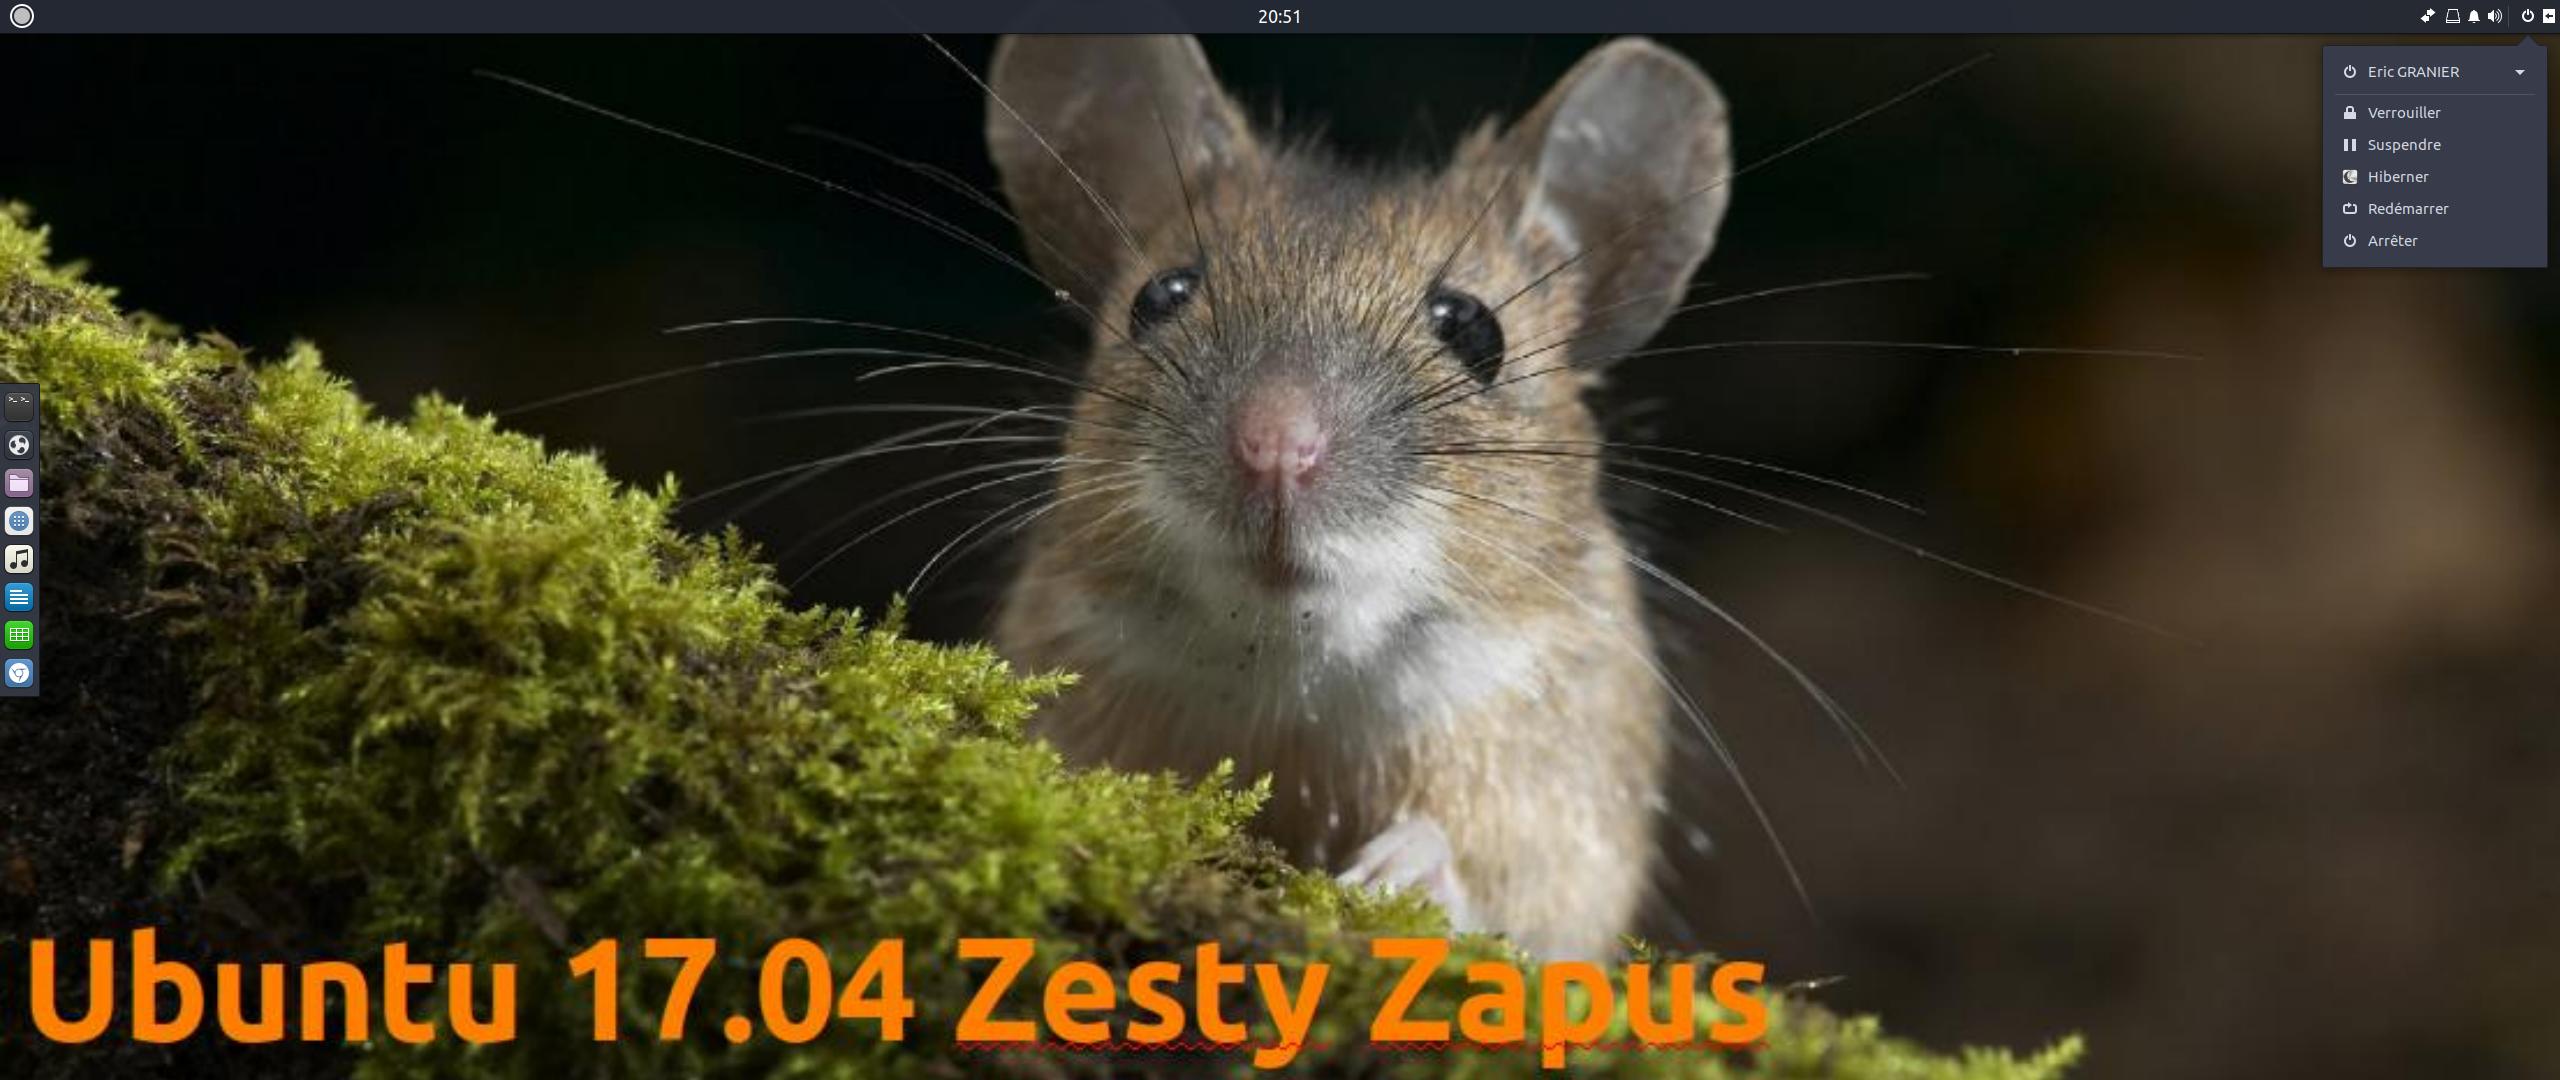 Ubuntu 17.04 Zesty Zapus «Le Zapus Piquant !»